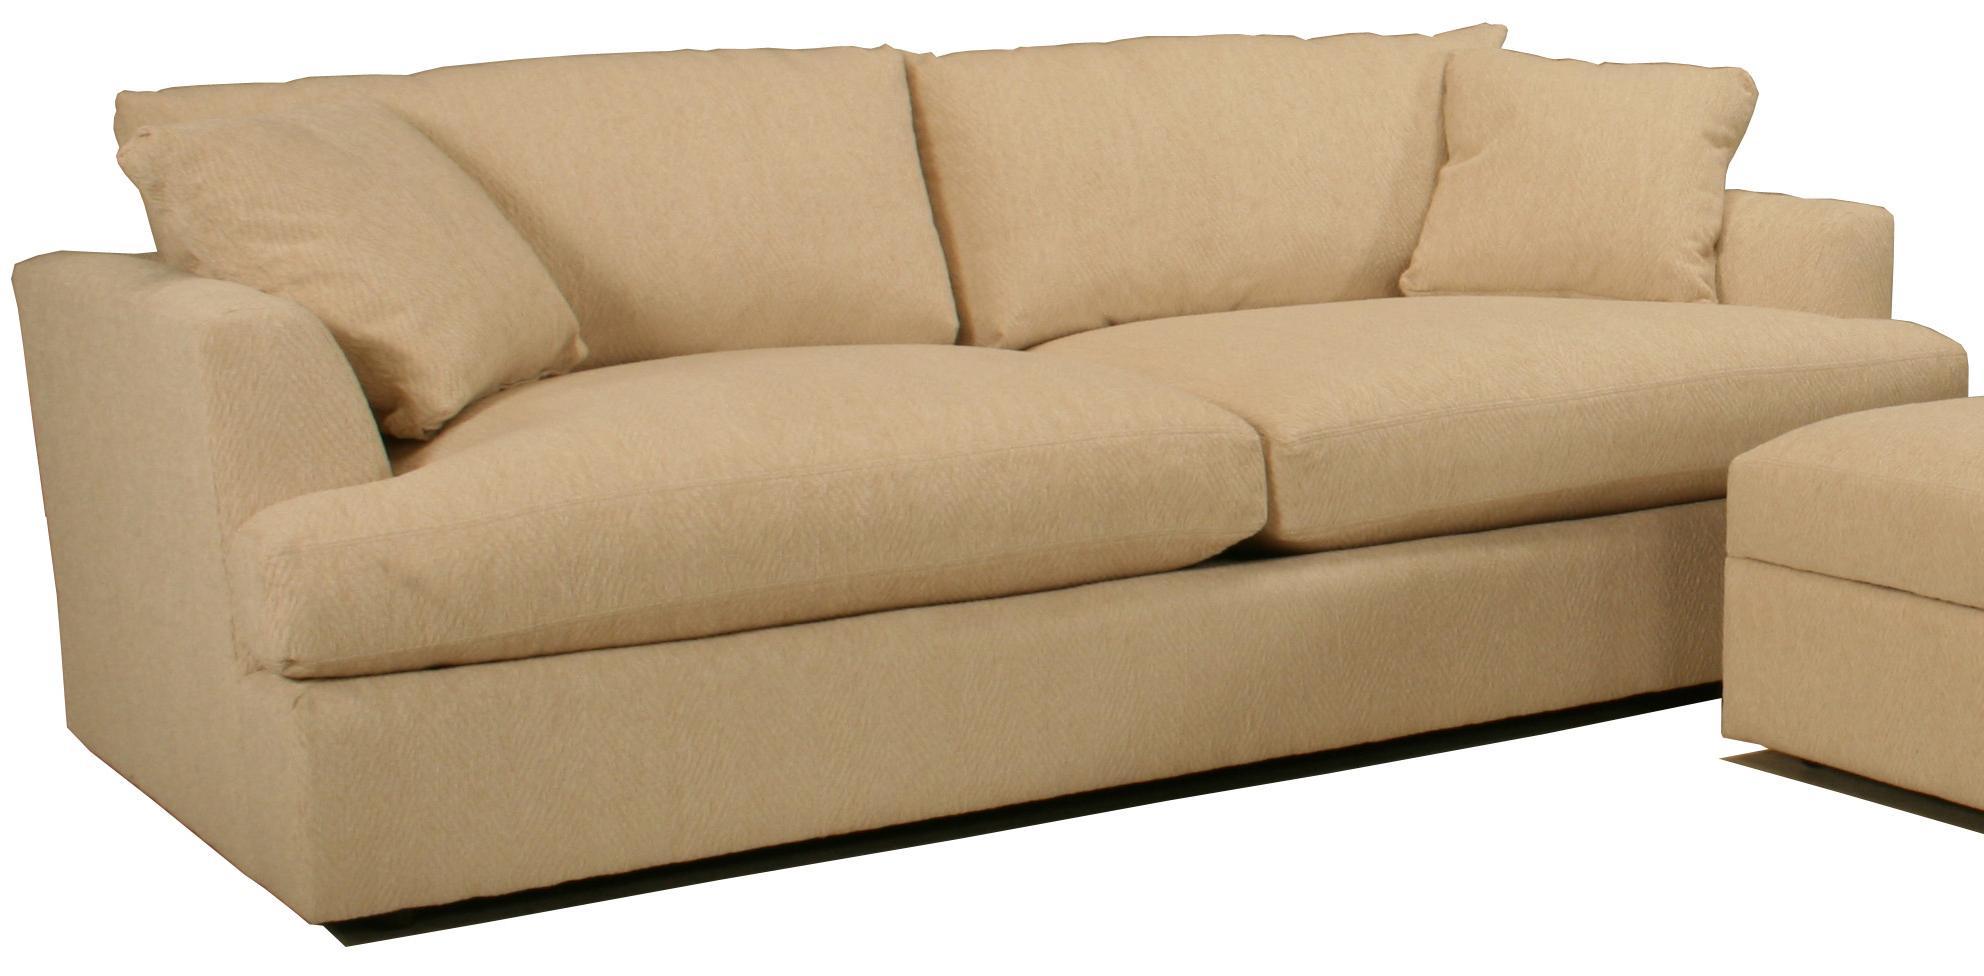 Cirrus Grand Sofa by BeModern at Belfort Furniture